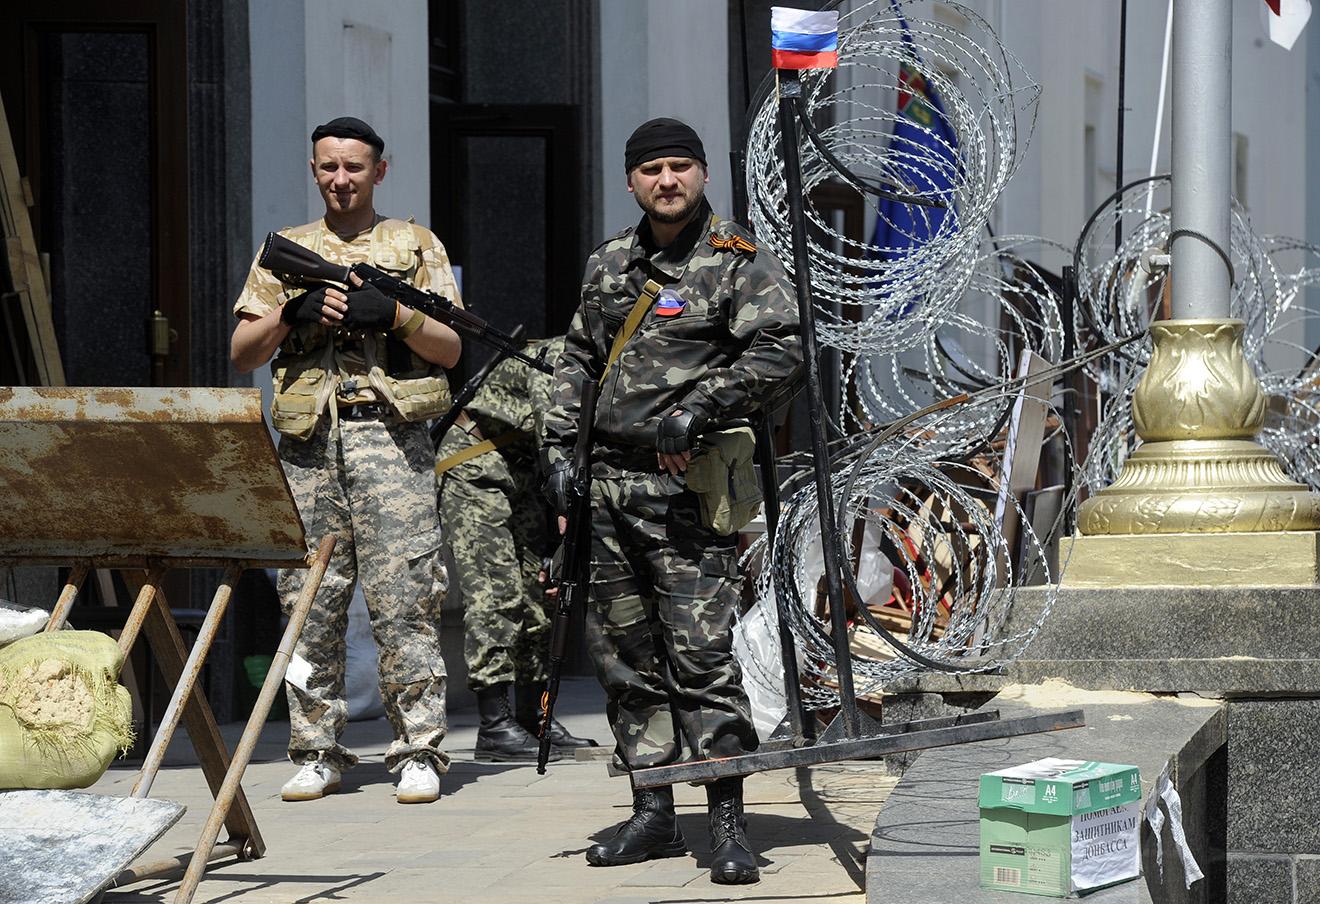 Ополченцы у здания областной администрации Луганска, май 2014 года. Фото: Валерий Матыцин / ИТАР-ТАСС